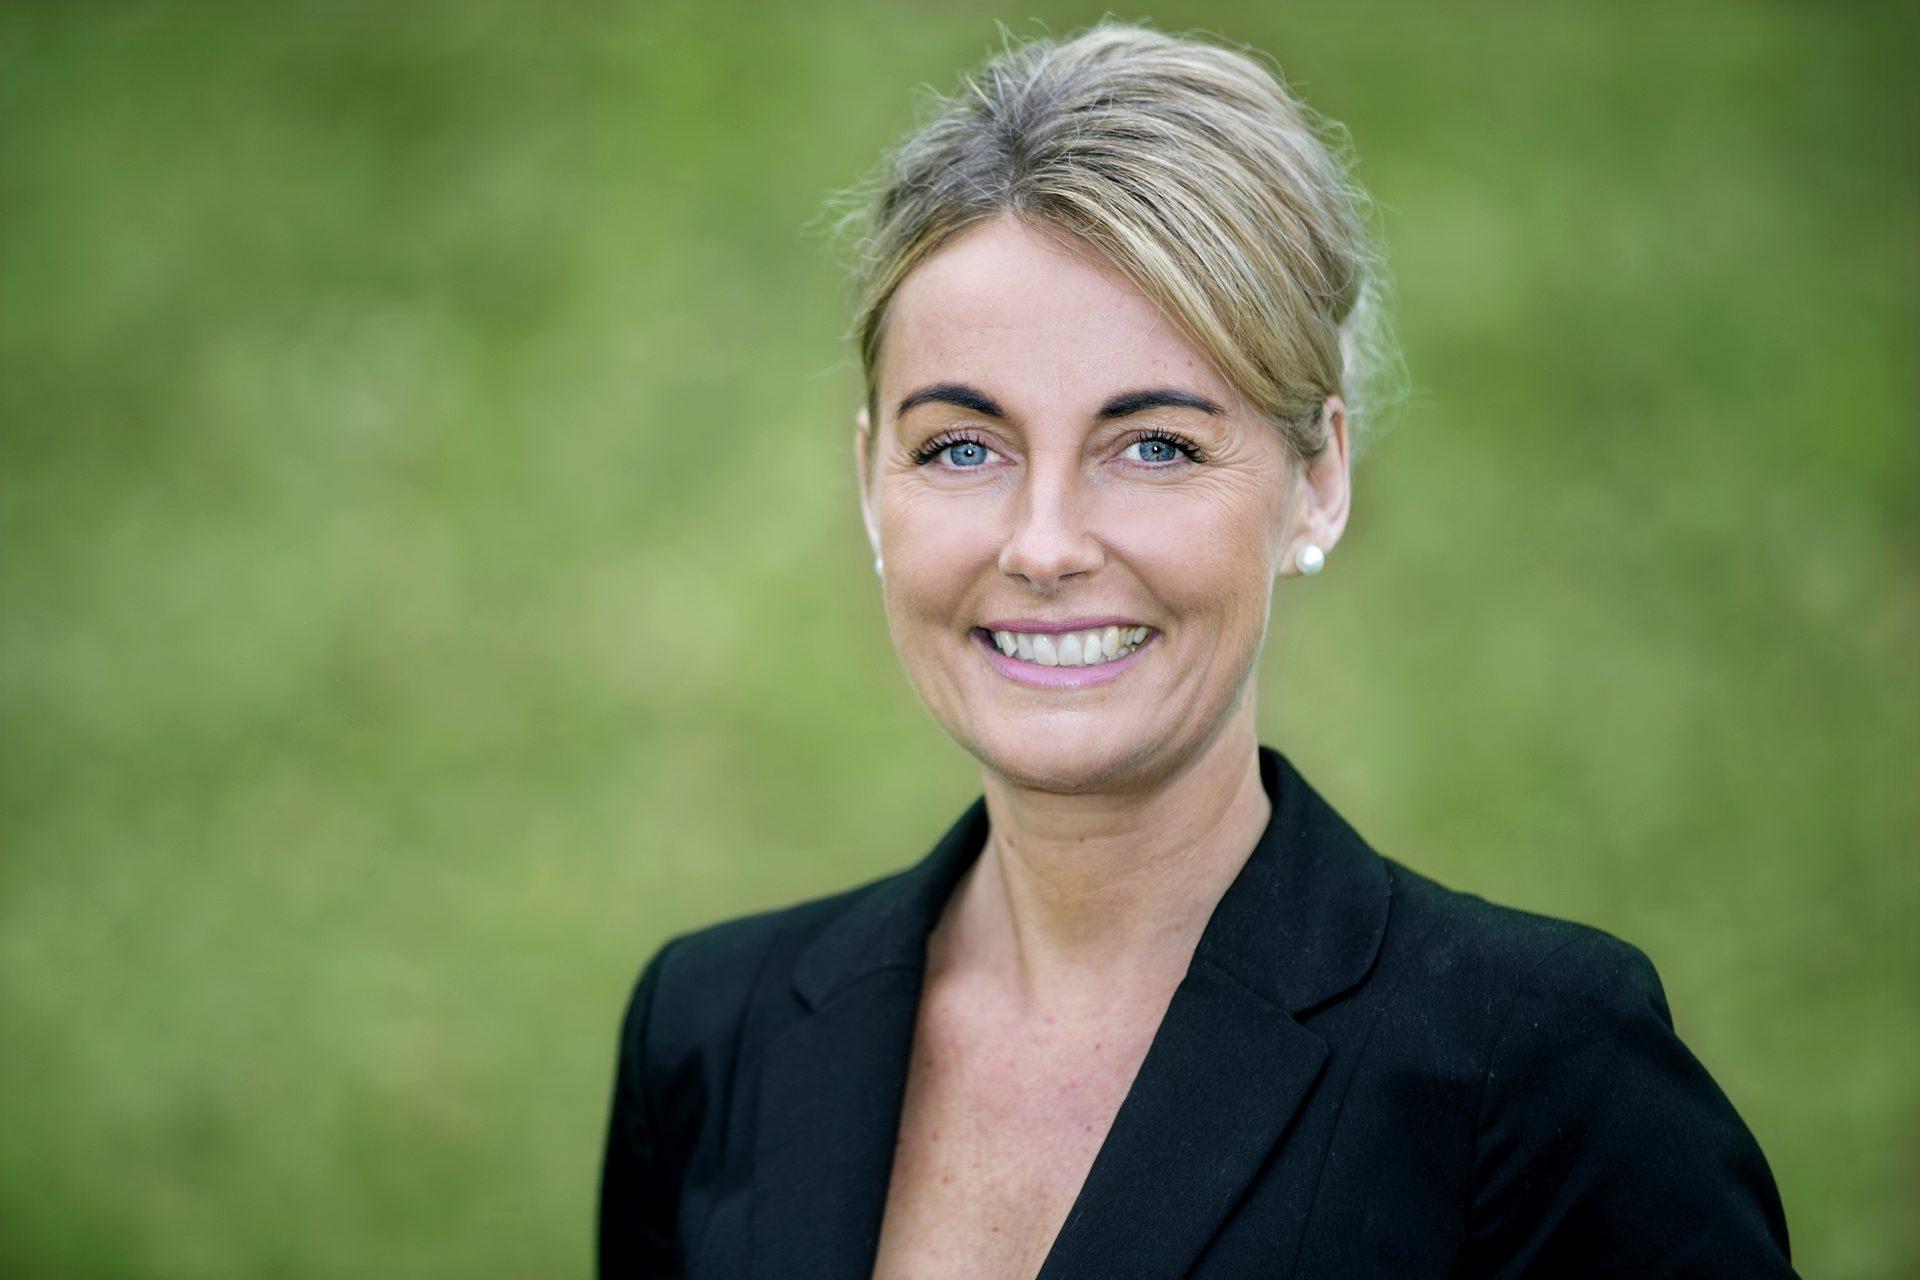 Venstre Horsens Christa Skelde